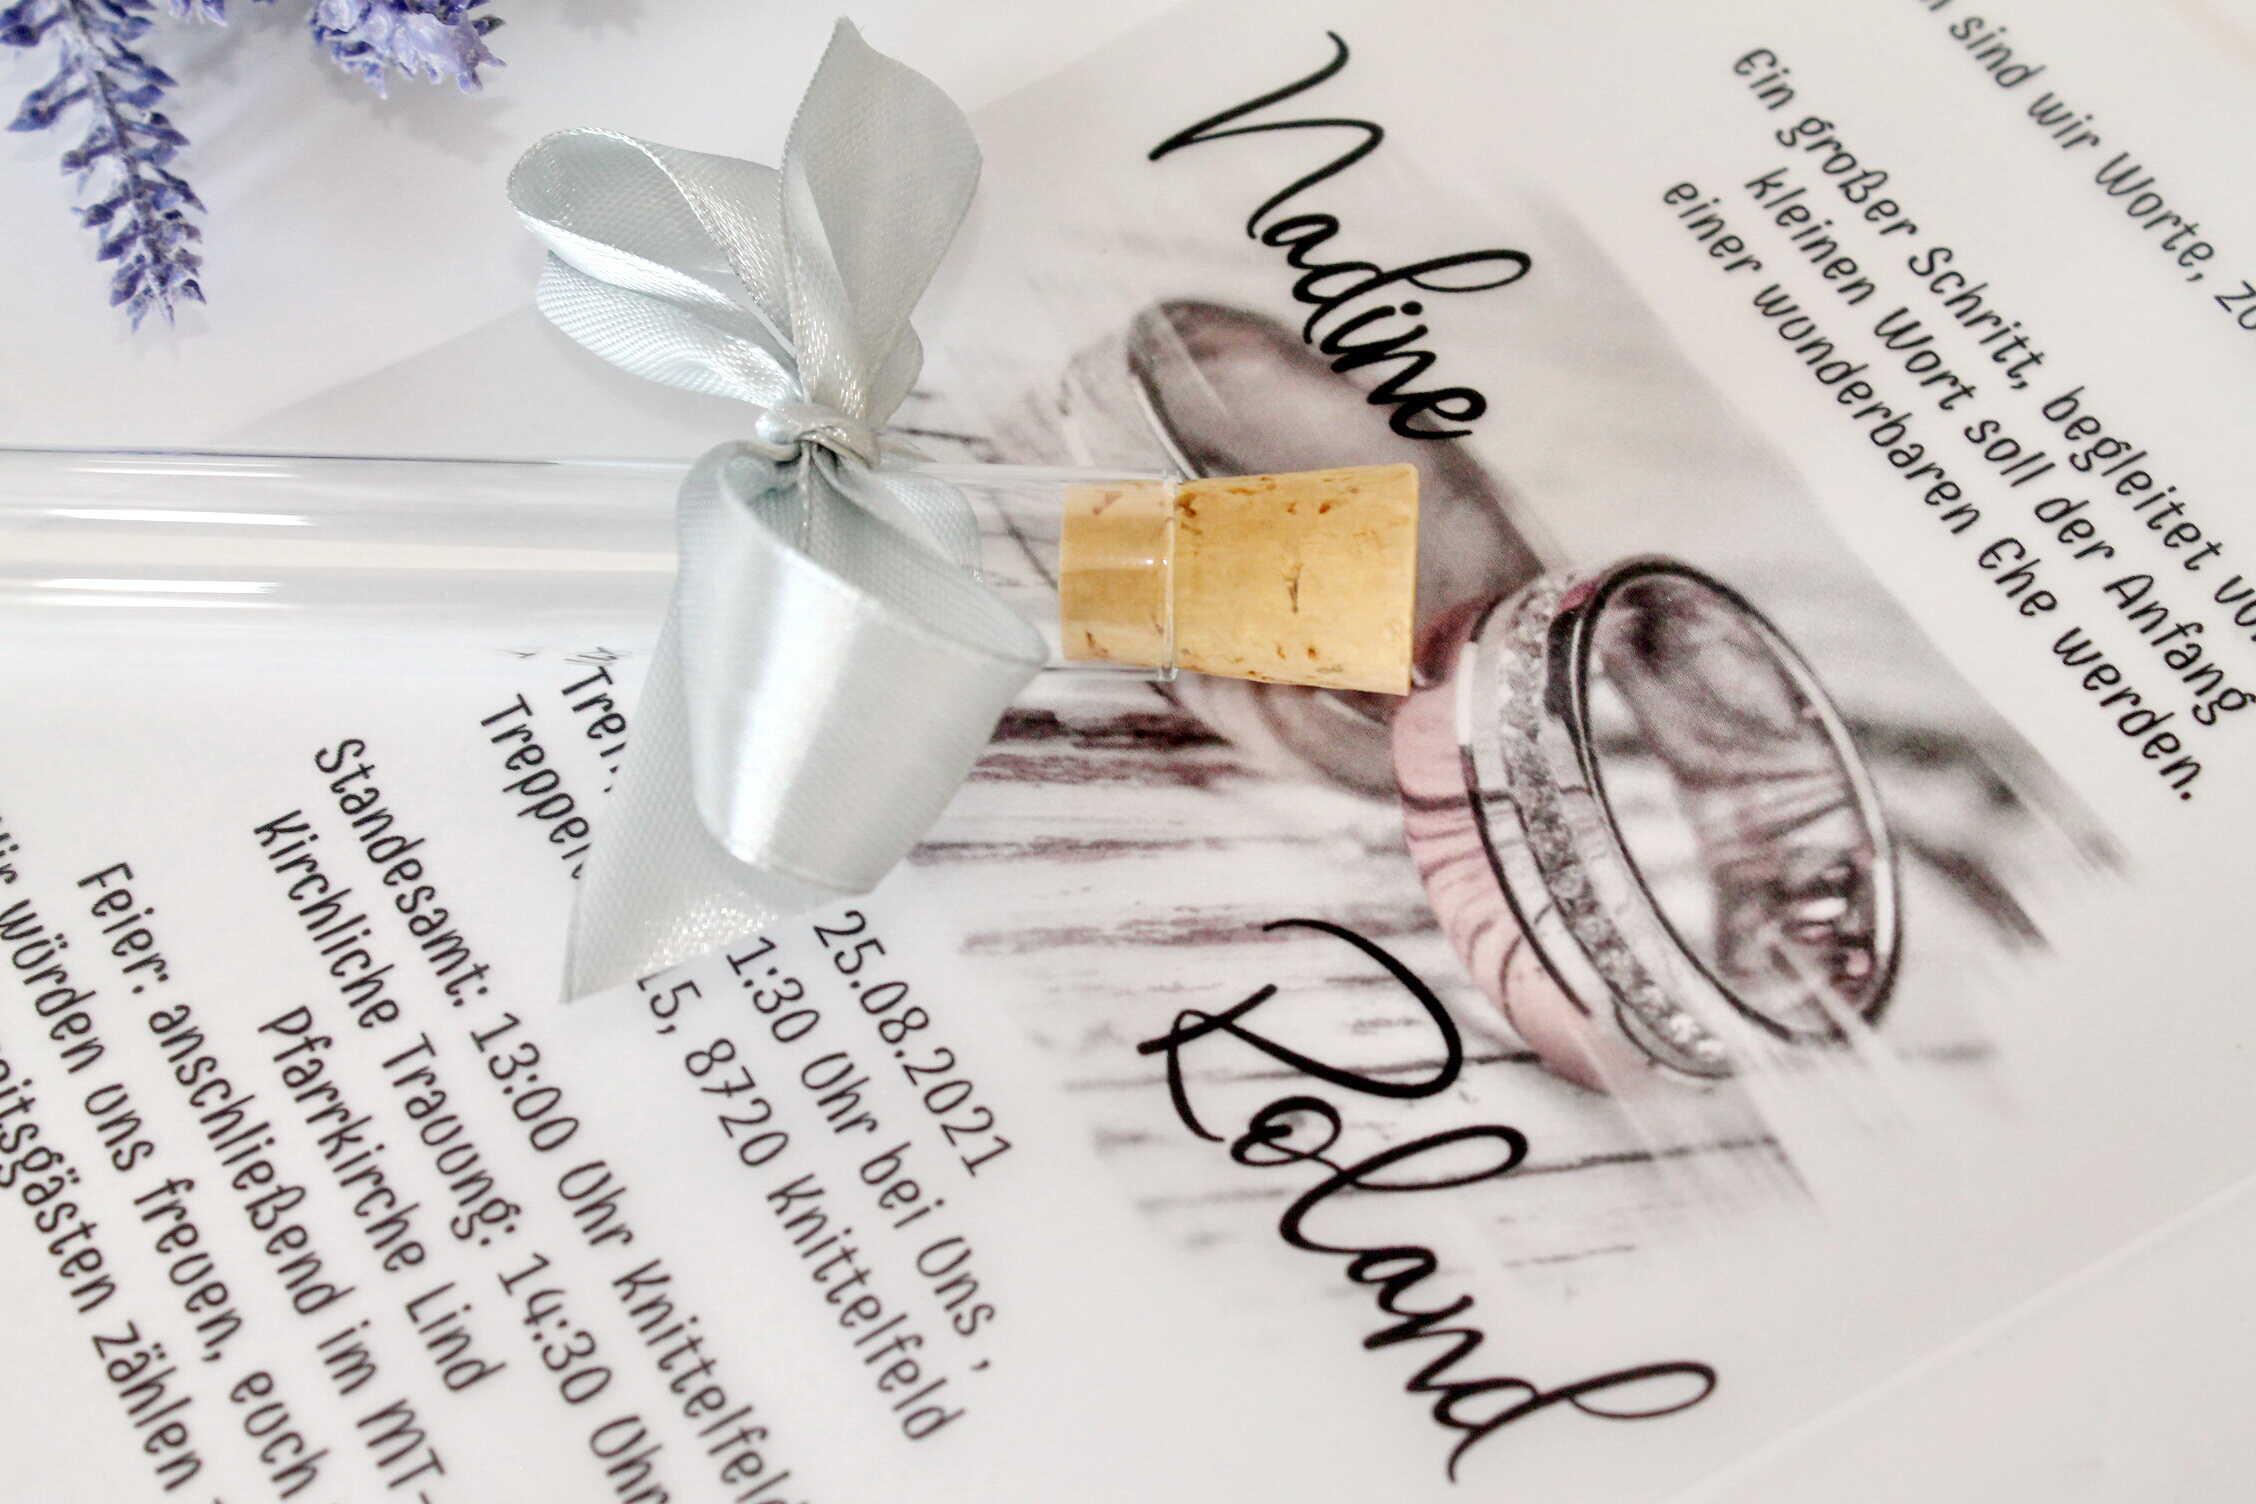 reagenzglasige-einladung-mit-weißer-pauspapier